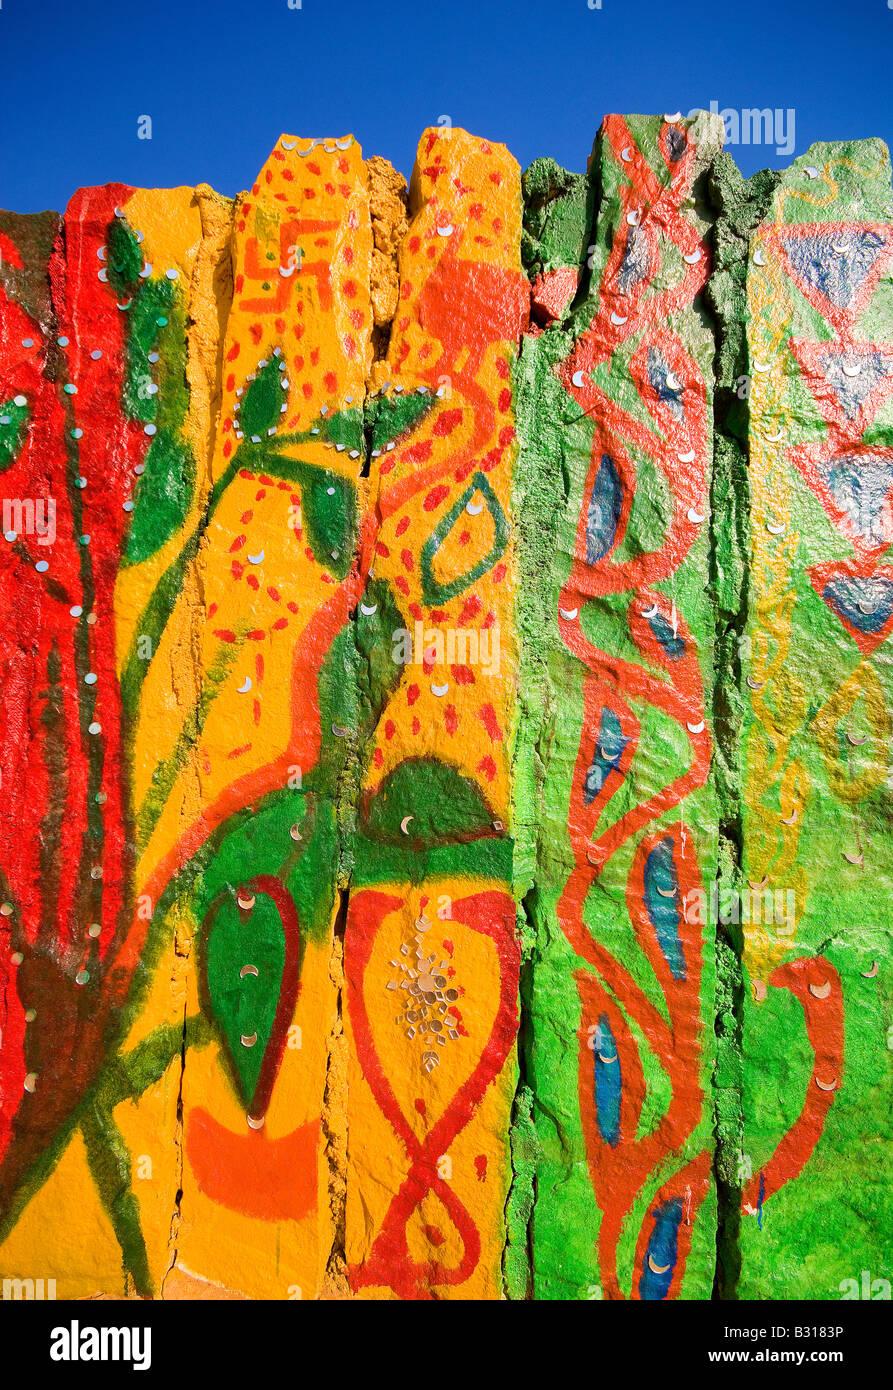 Bemalte Wand Künstlerkolonie, große Thar-Wüste, in der Nähe von Jaisalmer, Rajasthan, Indien, Subkontinent, Asien Stockfoto